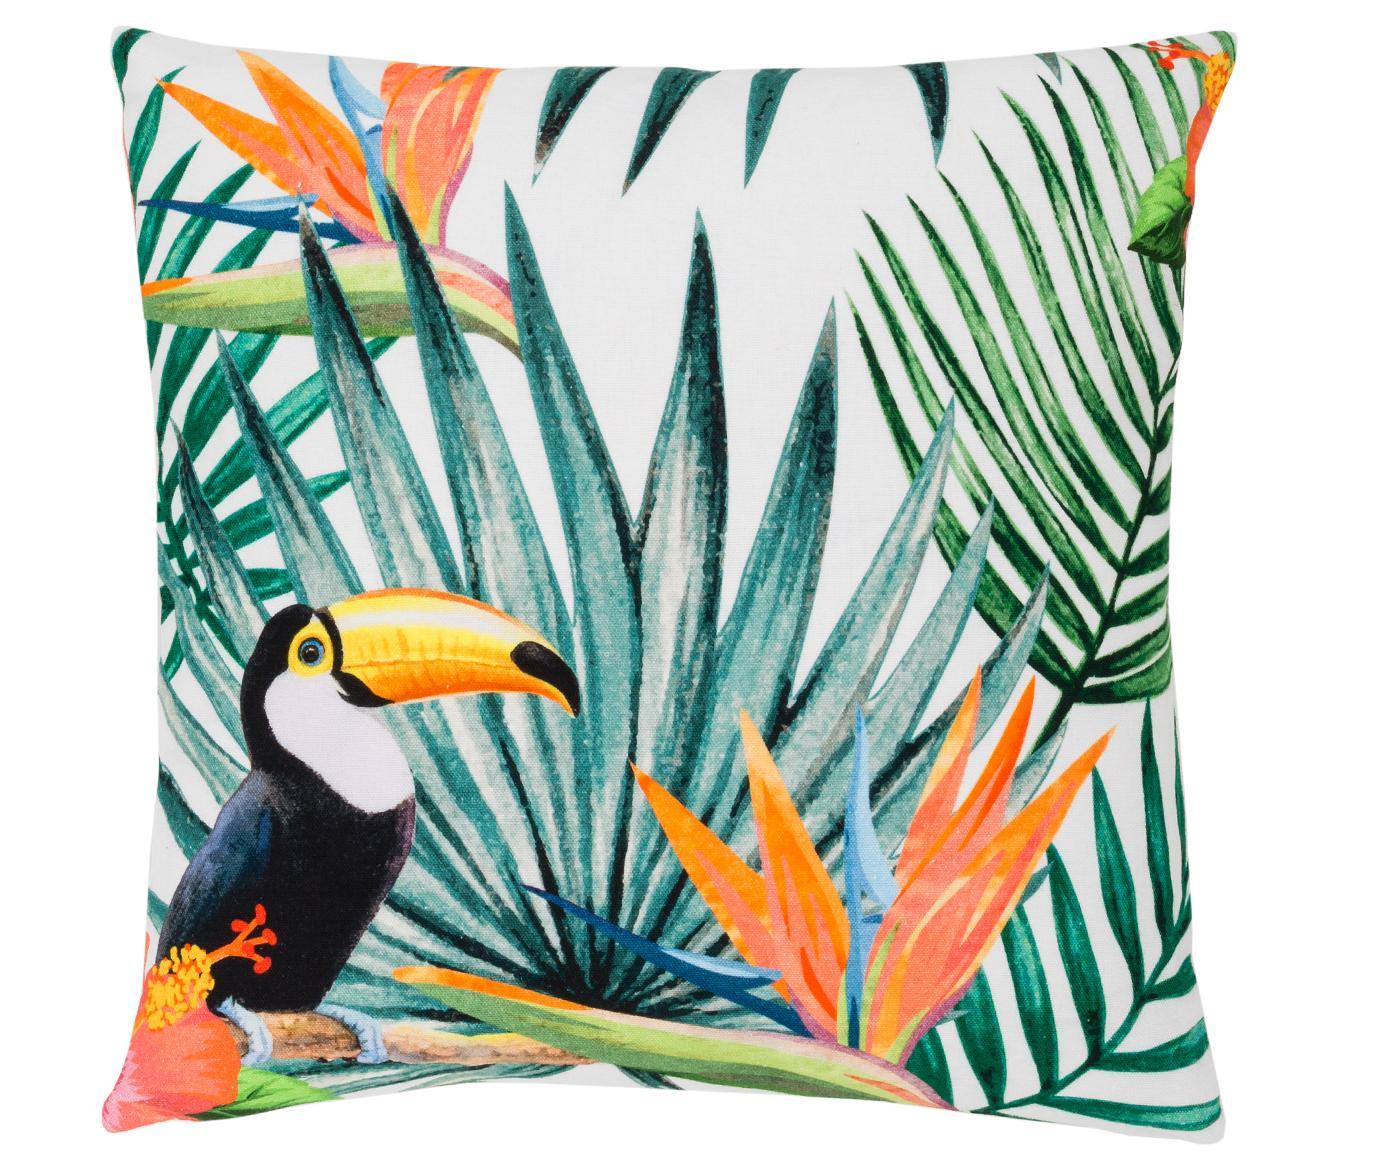 Kissenhülle Polly mit tropischem Print in Bunt, 100% Baumwolle, Mehrfarbig, Weiß, 50 x 50 cm